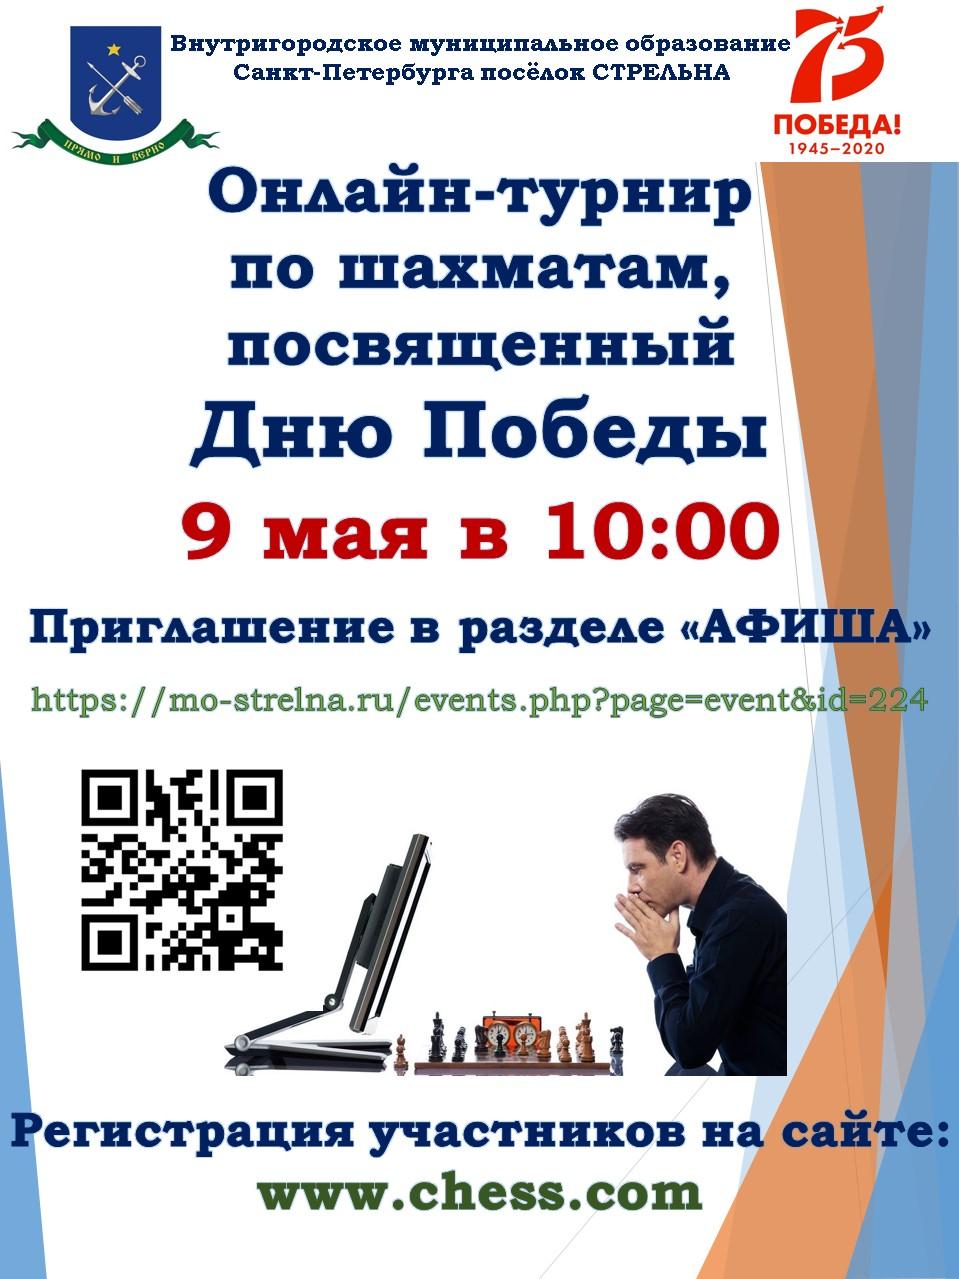 Онлайн-турнир по шахматам к 75-й годовщине Великой Победы